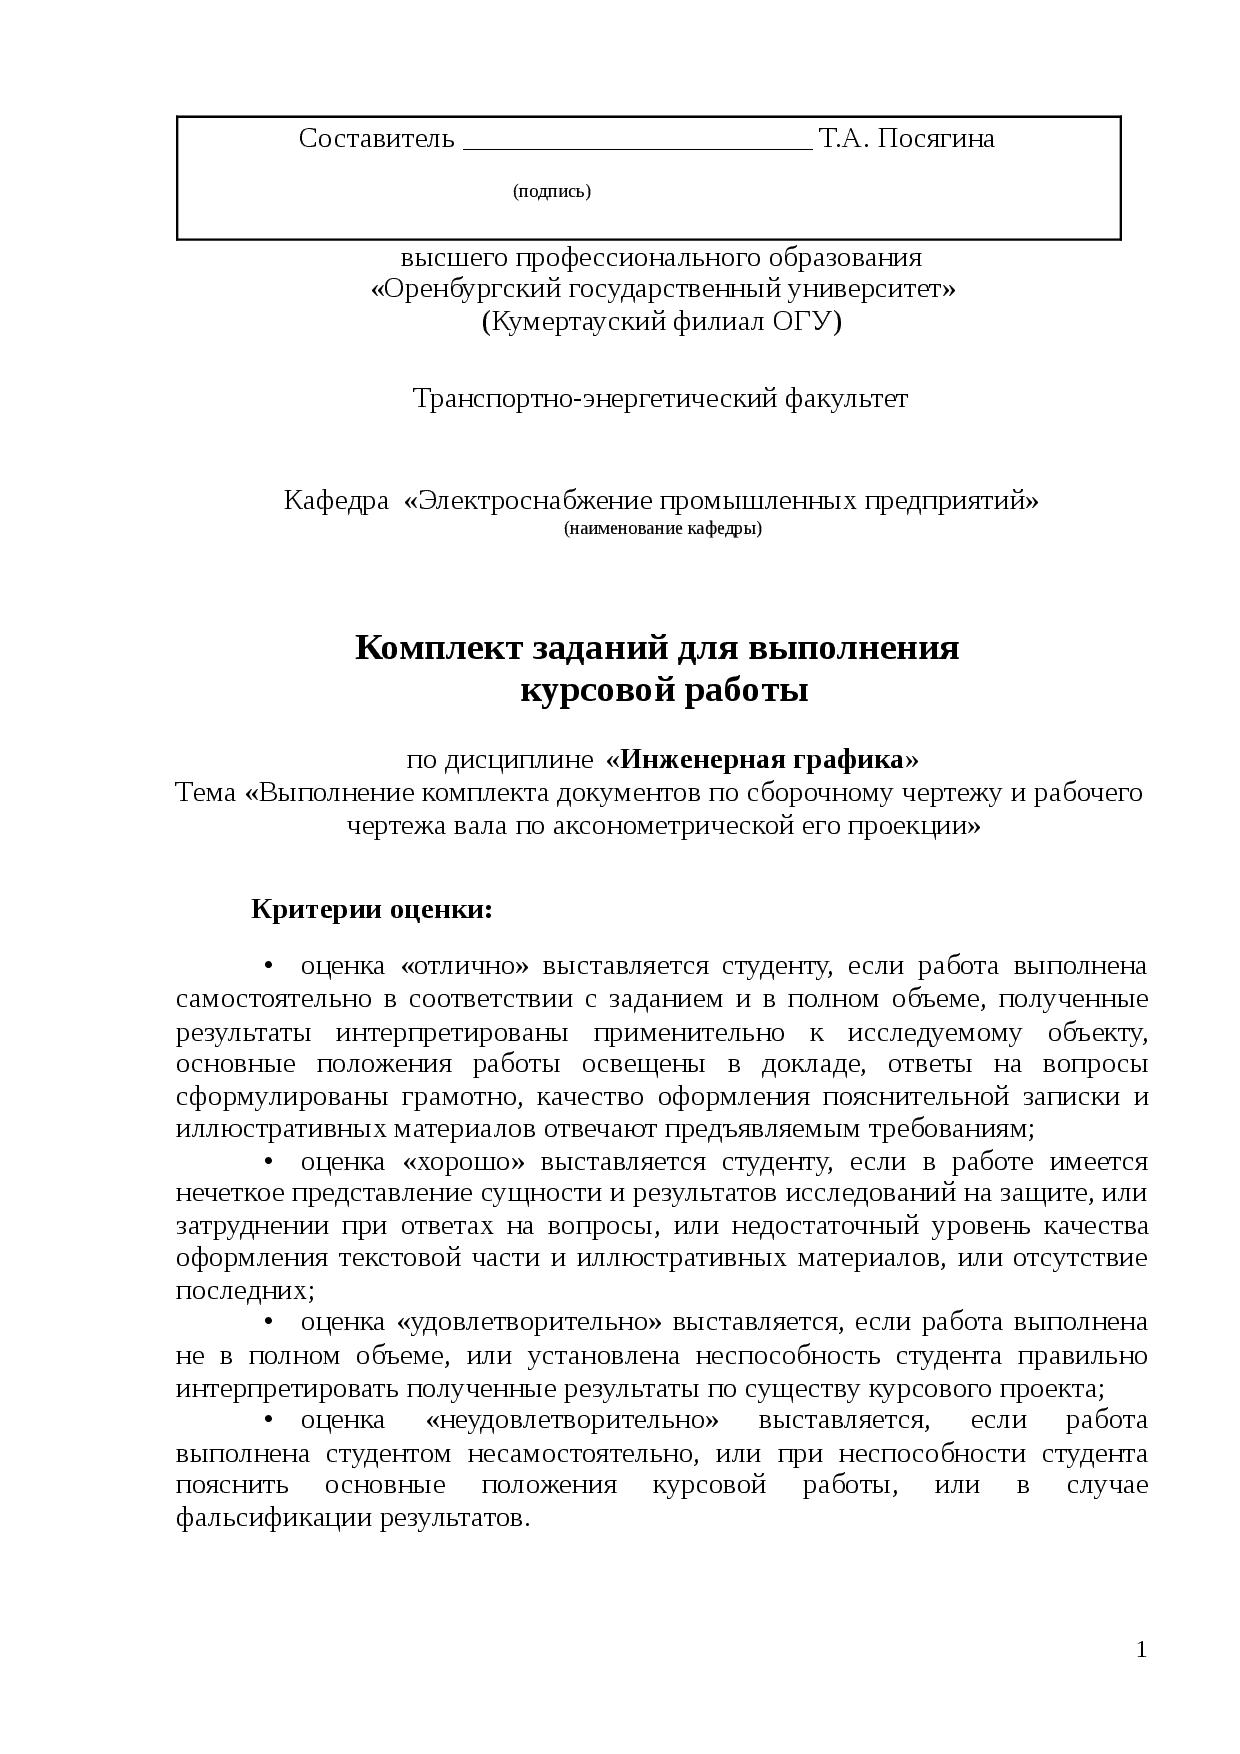 Пояснительная записка к проекту, гост